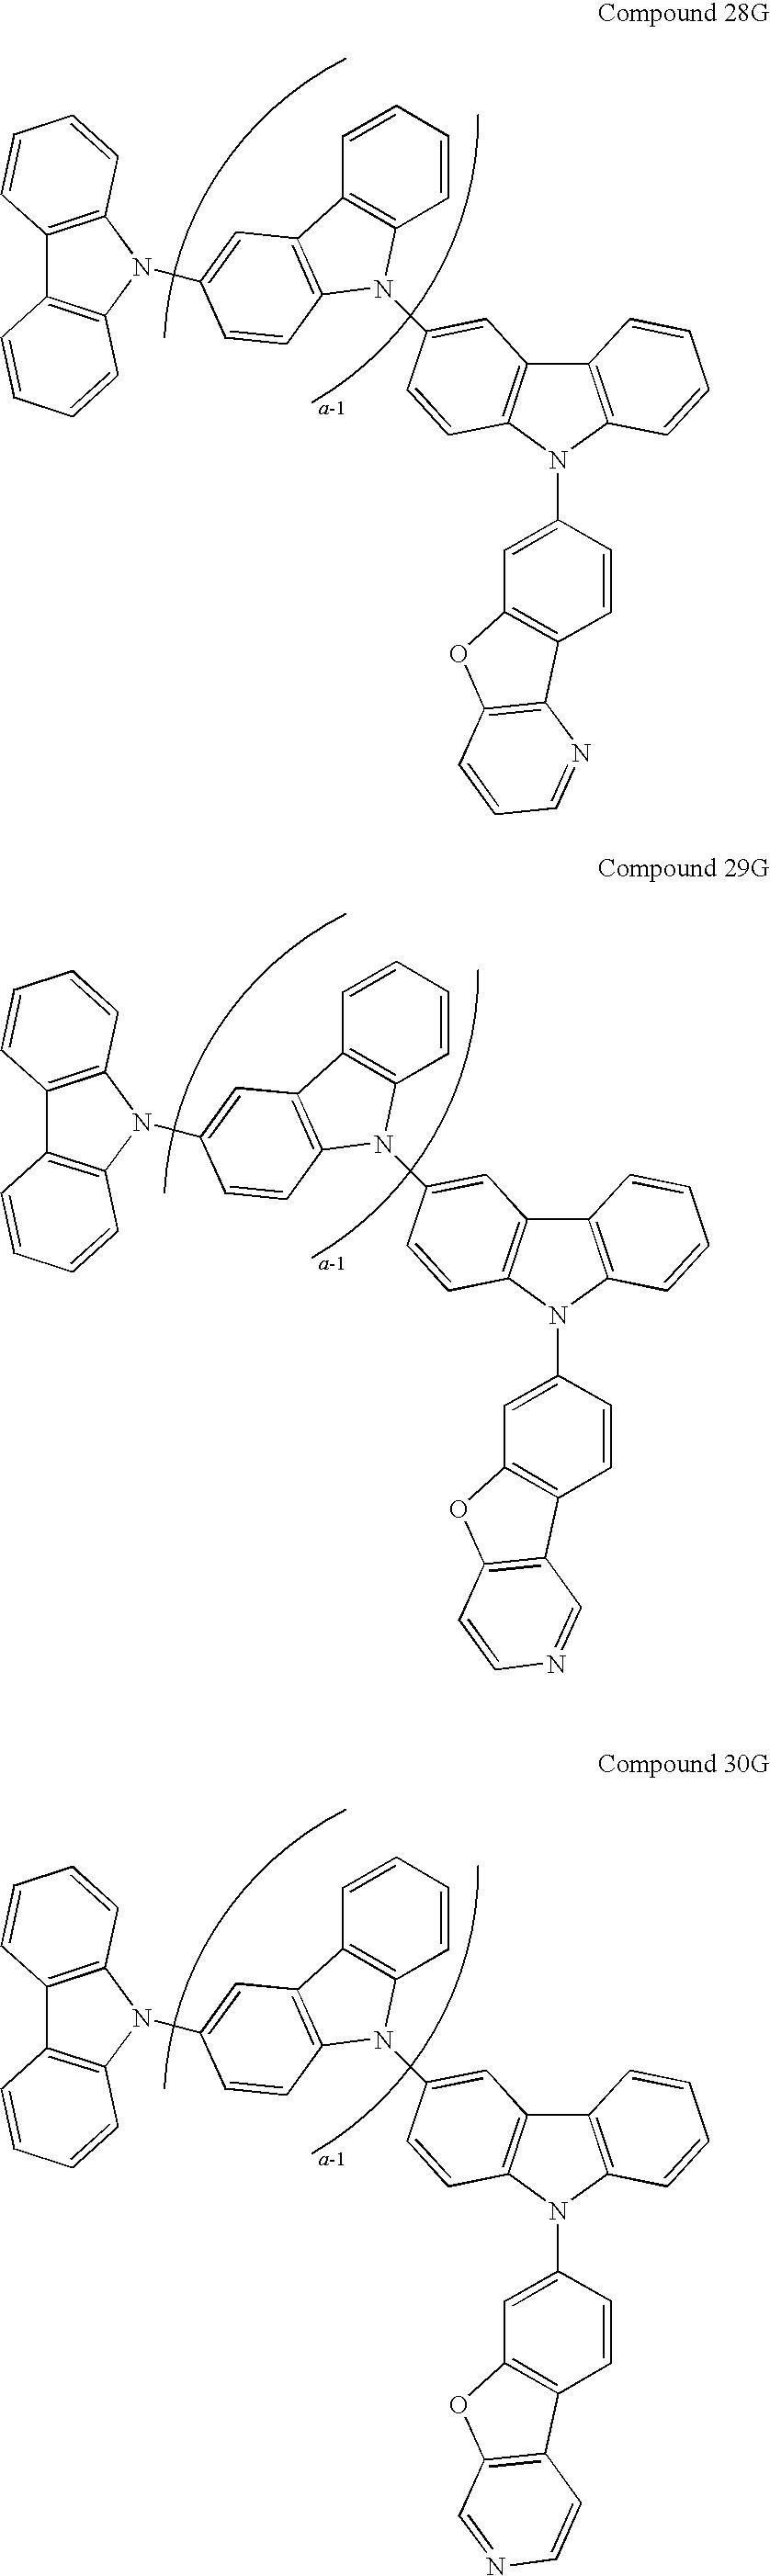 Figure US20090134784A1-20090528-C00153